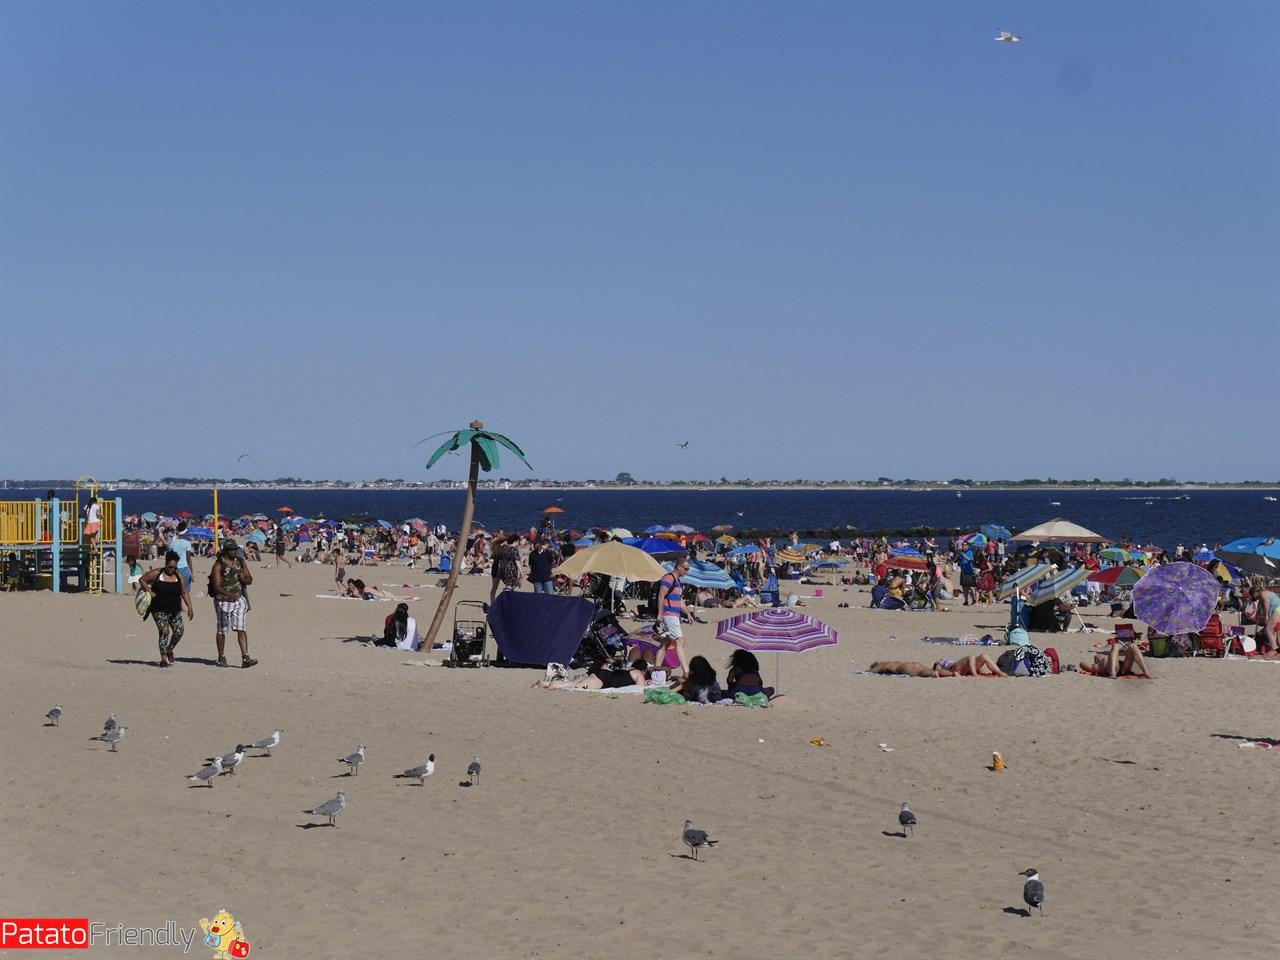 [cml_media_alt id='13787']La spiaggia di Coney Island coi bambini [/cml_media_alt]